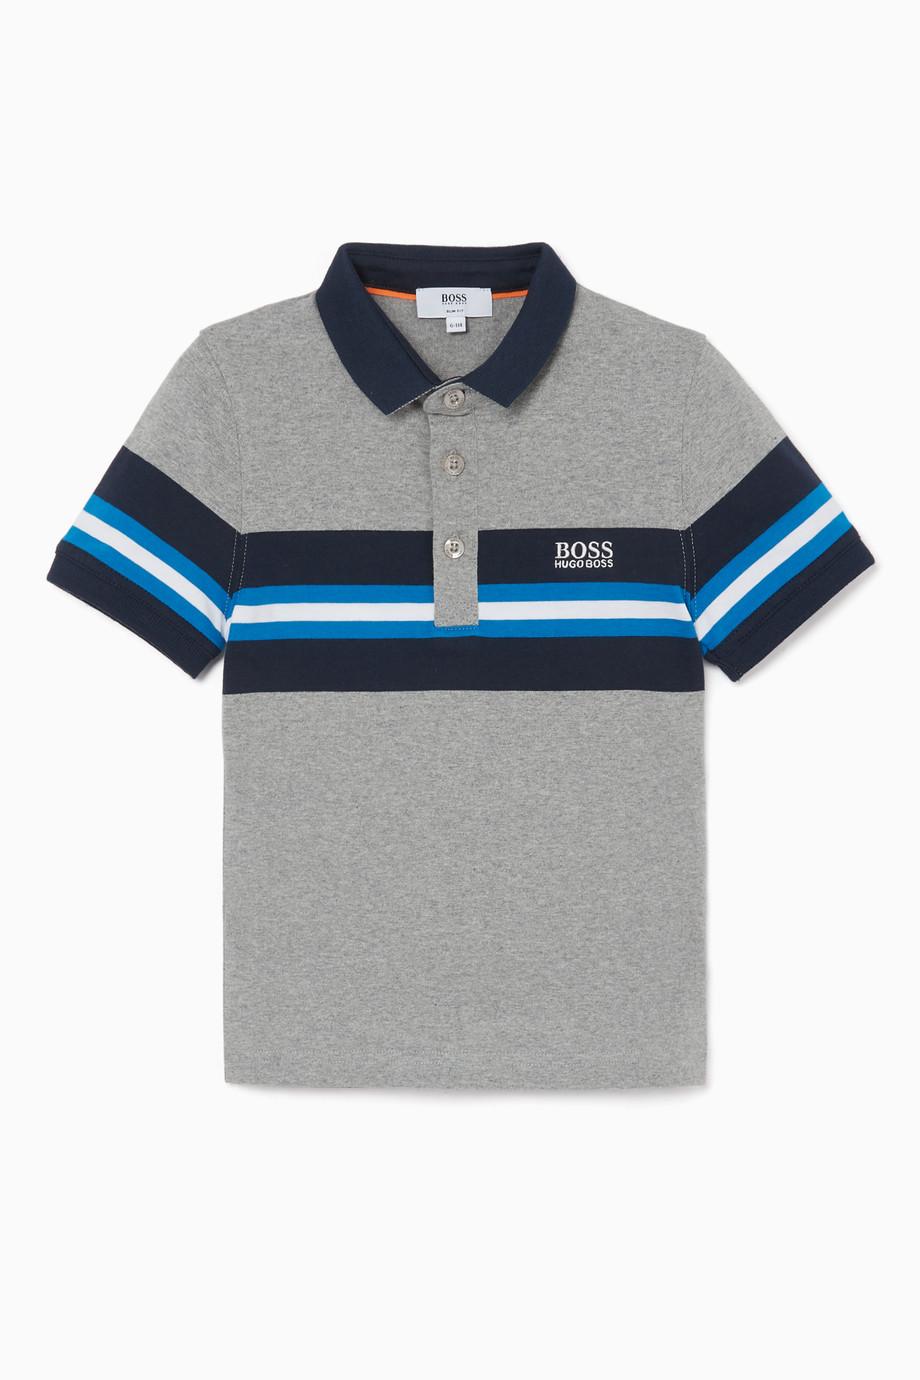 b7e5e929 Shop Boss Grey Grey Colour-Block Polo Shirt for Kids | Ounass